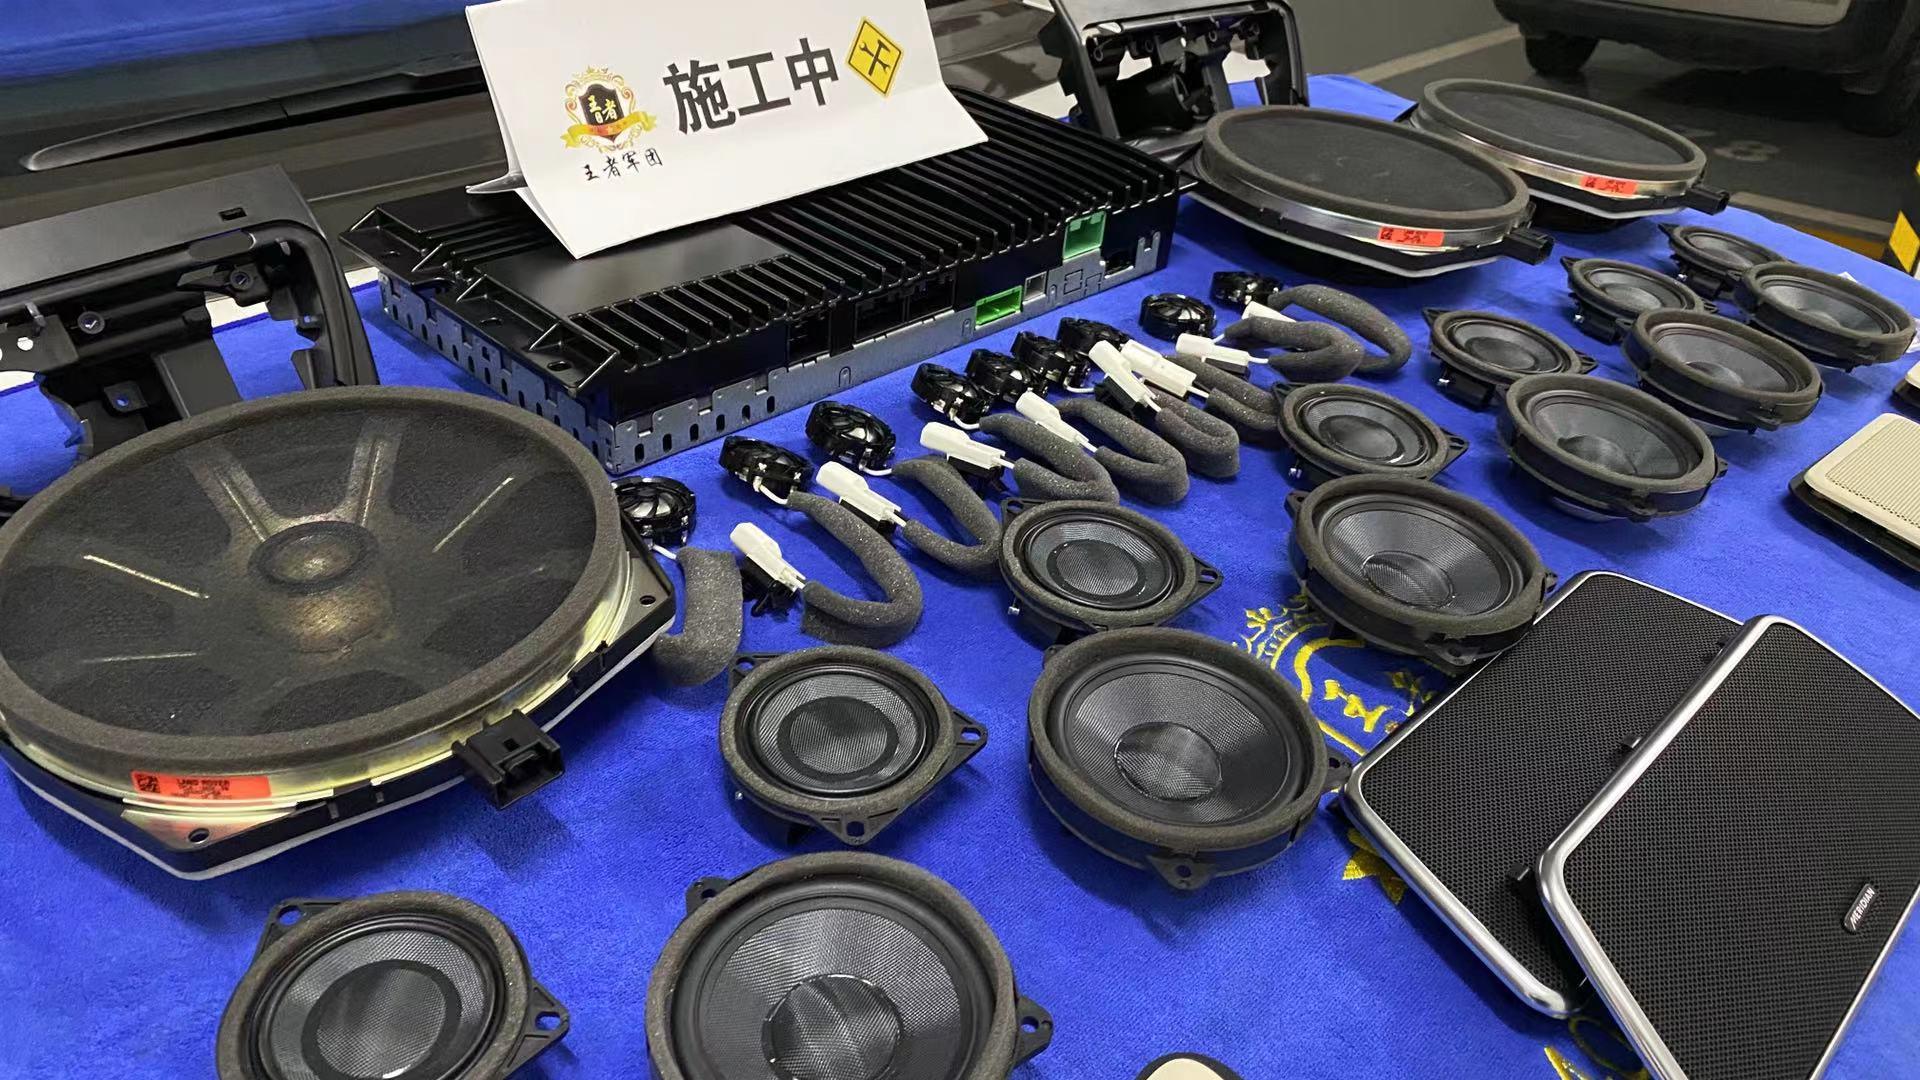 郑州16款行政升级超高级音响